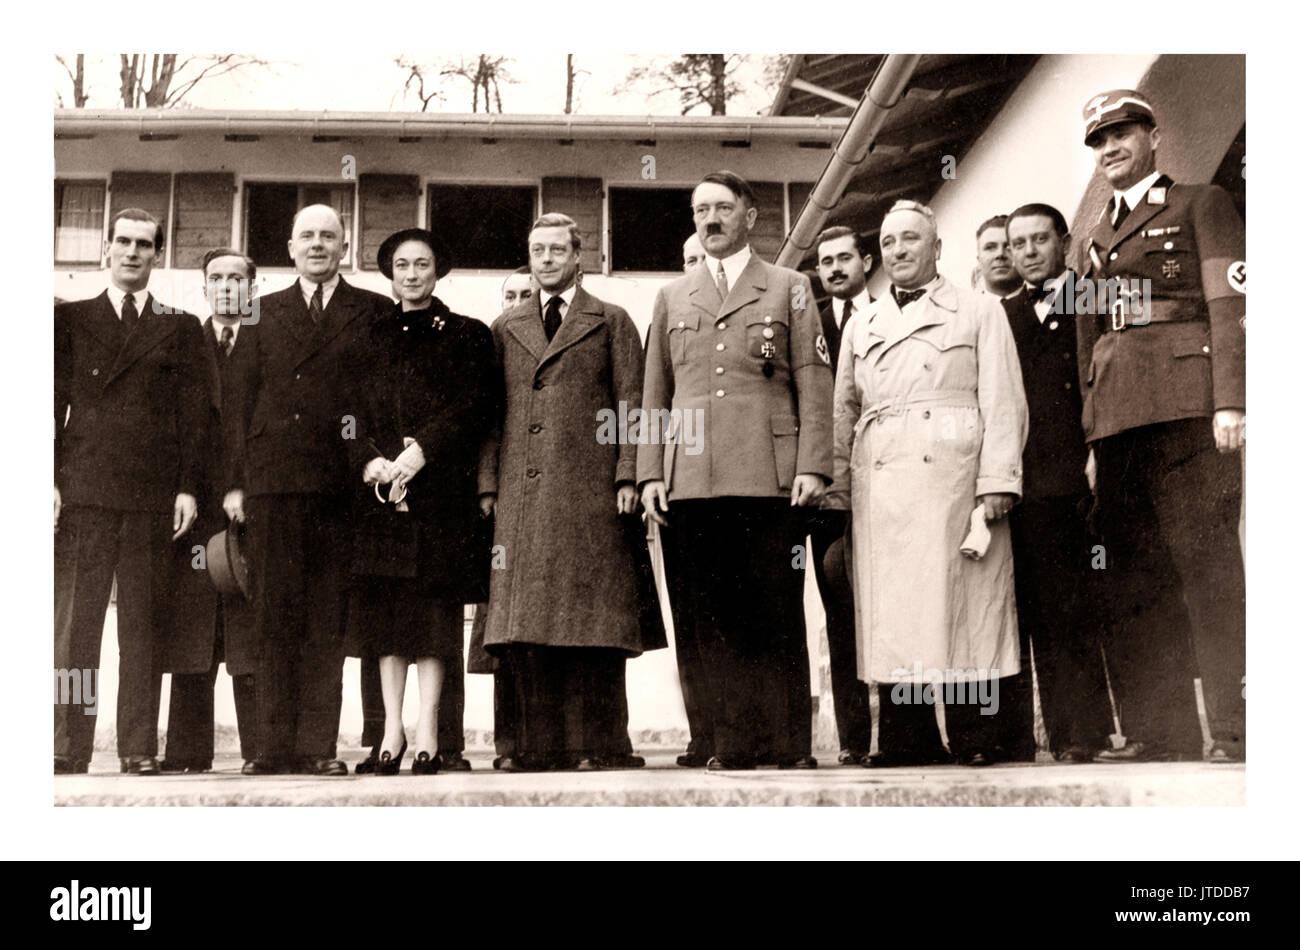 HITLER DUKE DUCHESS WINDSOR The Duke and Duchess of Windsor visting Adolf Hitler on 22nd October 1937, at the Berghof, Stock Photo